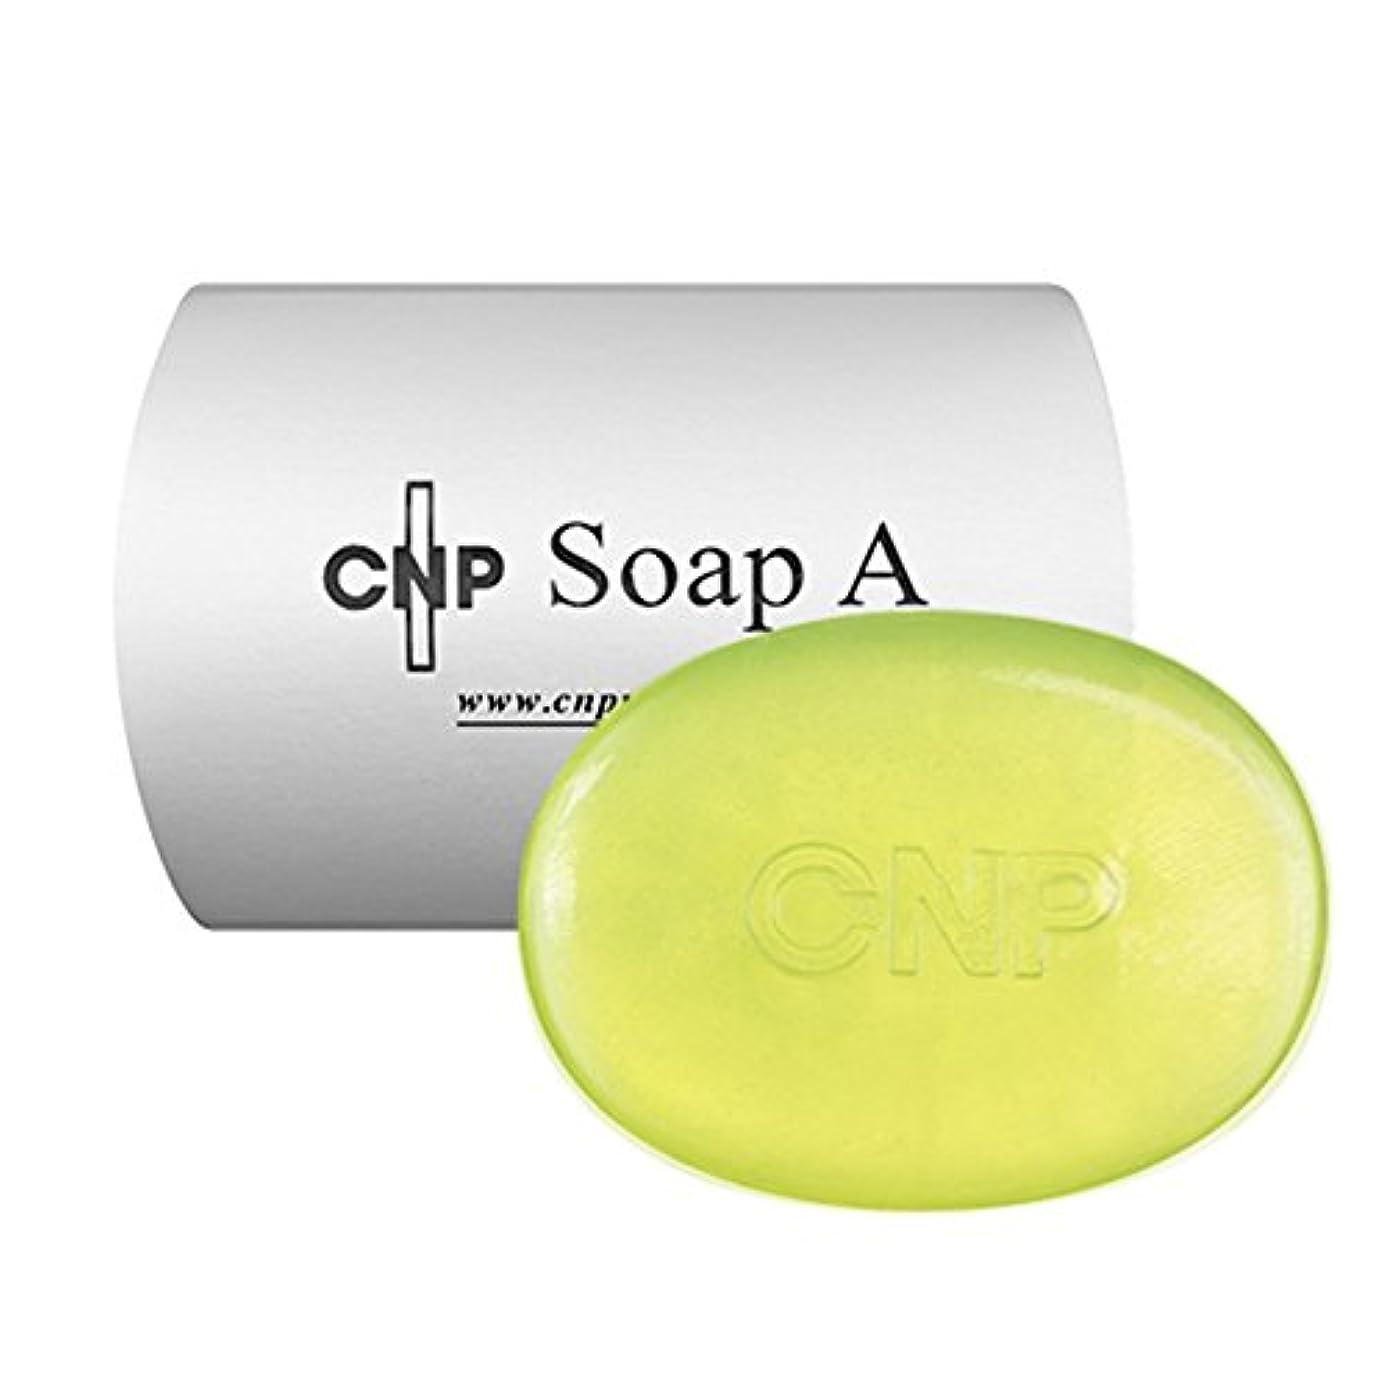 放散する小麦粉フラッシュのように素早くCNP Soap A チャアンドパク ソープ A [並行輸入品]